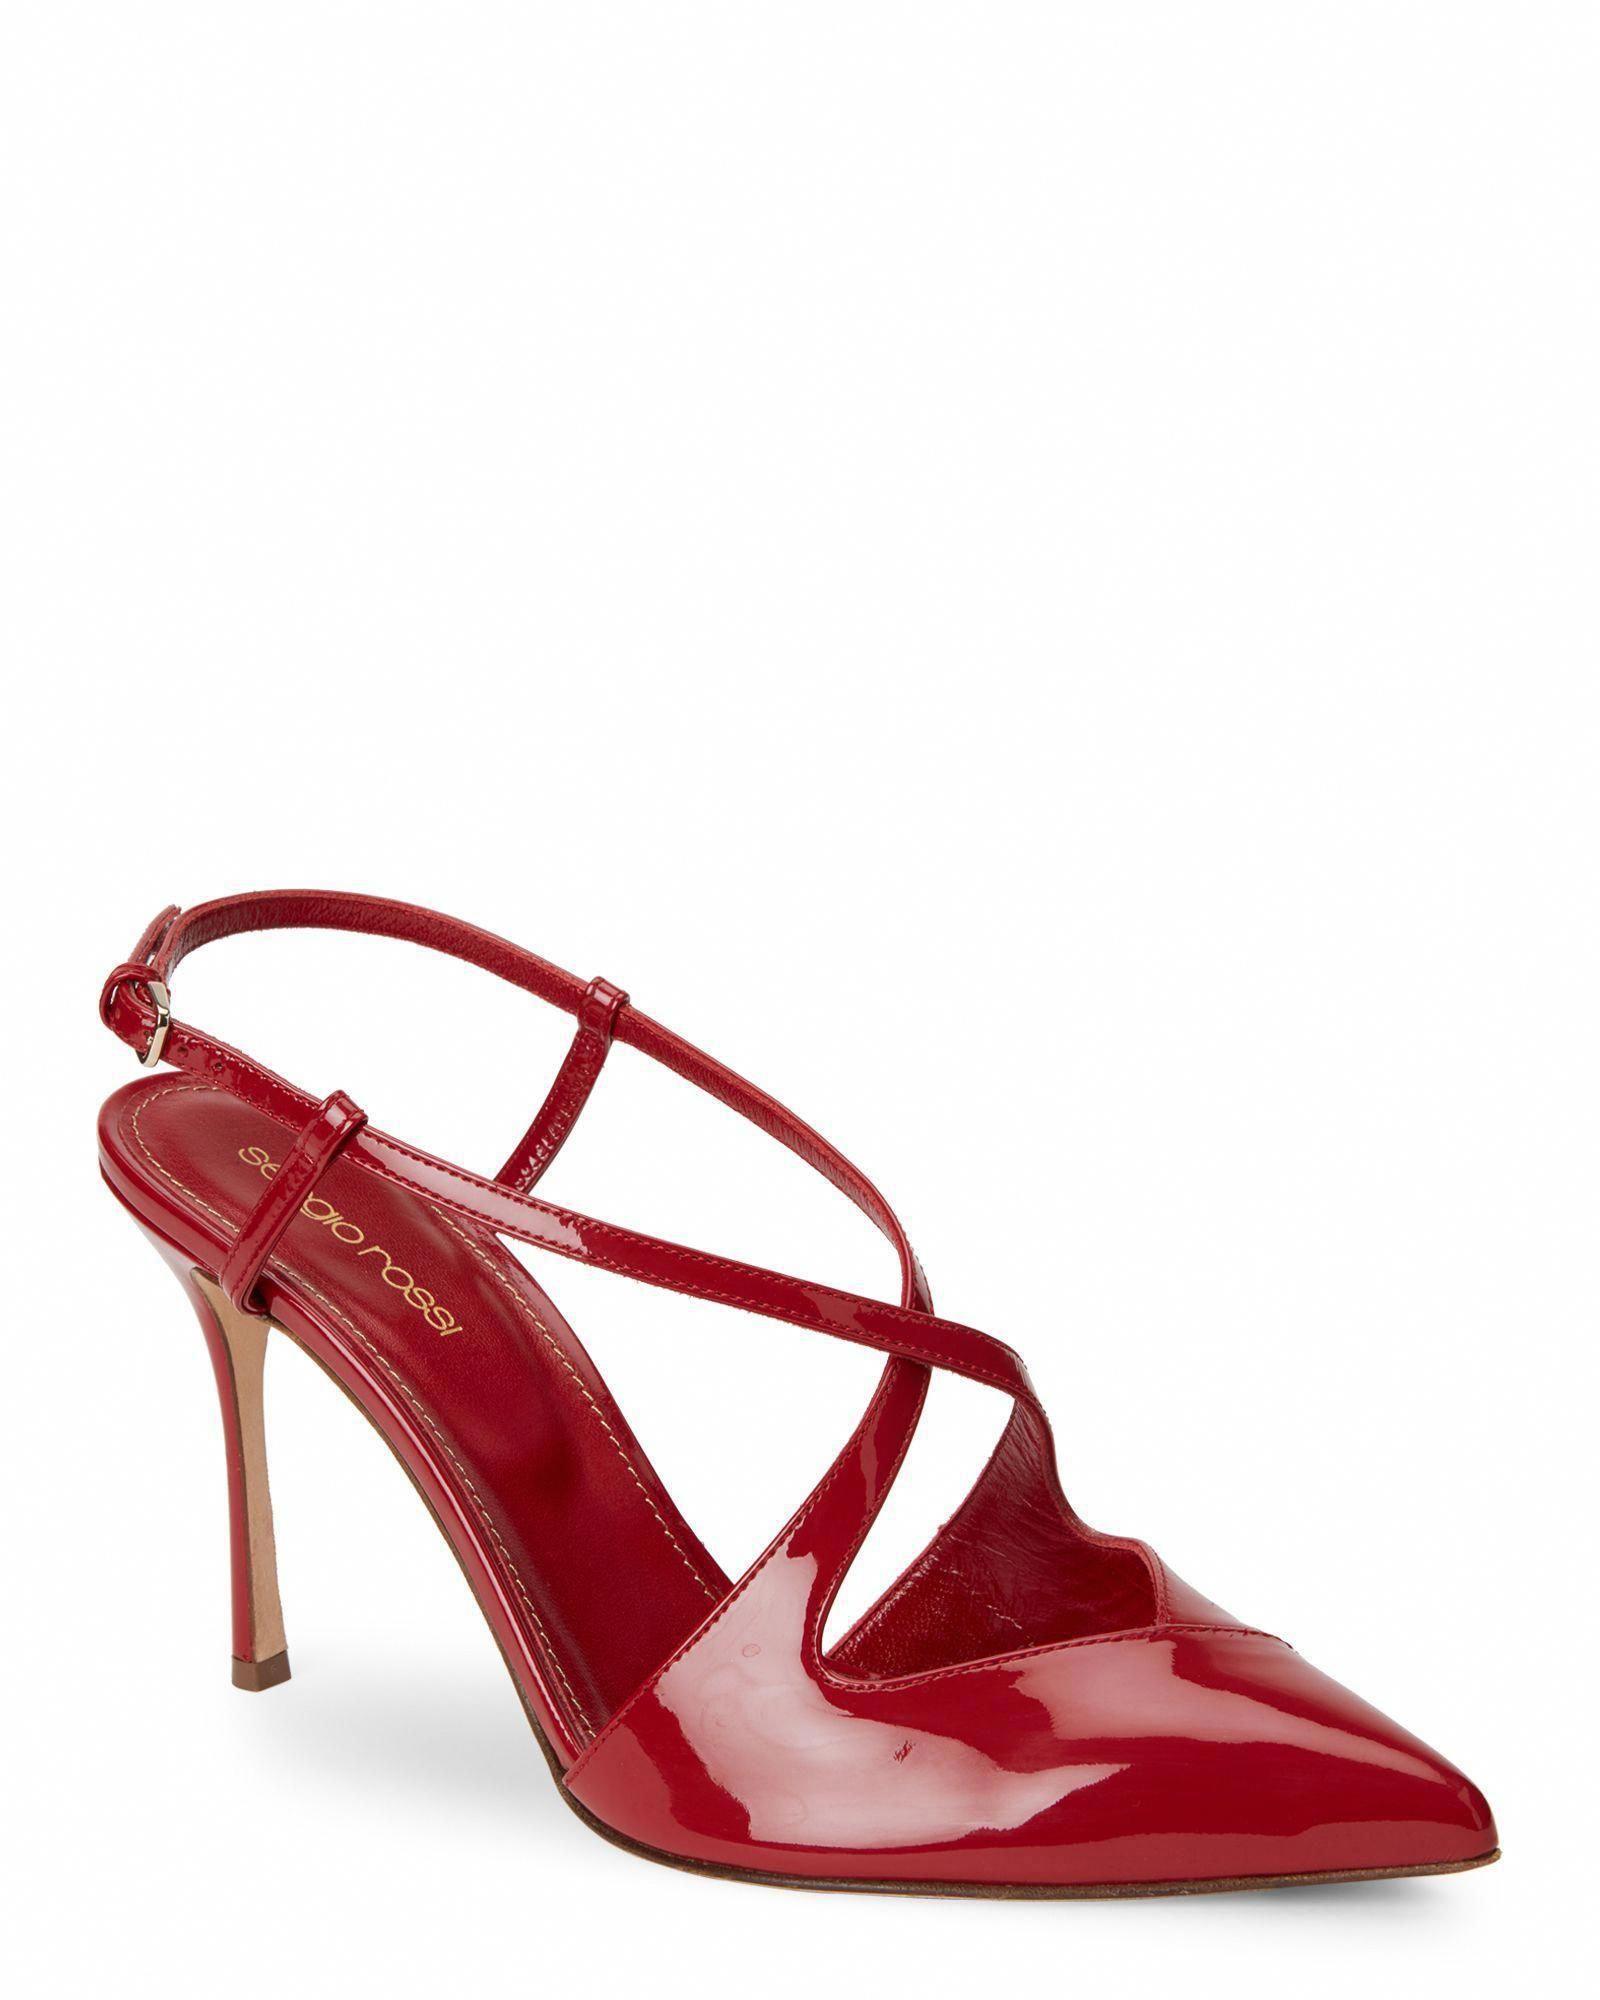 7cbce5554a29 Sergio Rossi Red Shoe Boots SergioRossi Sergio Rossi t